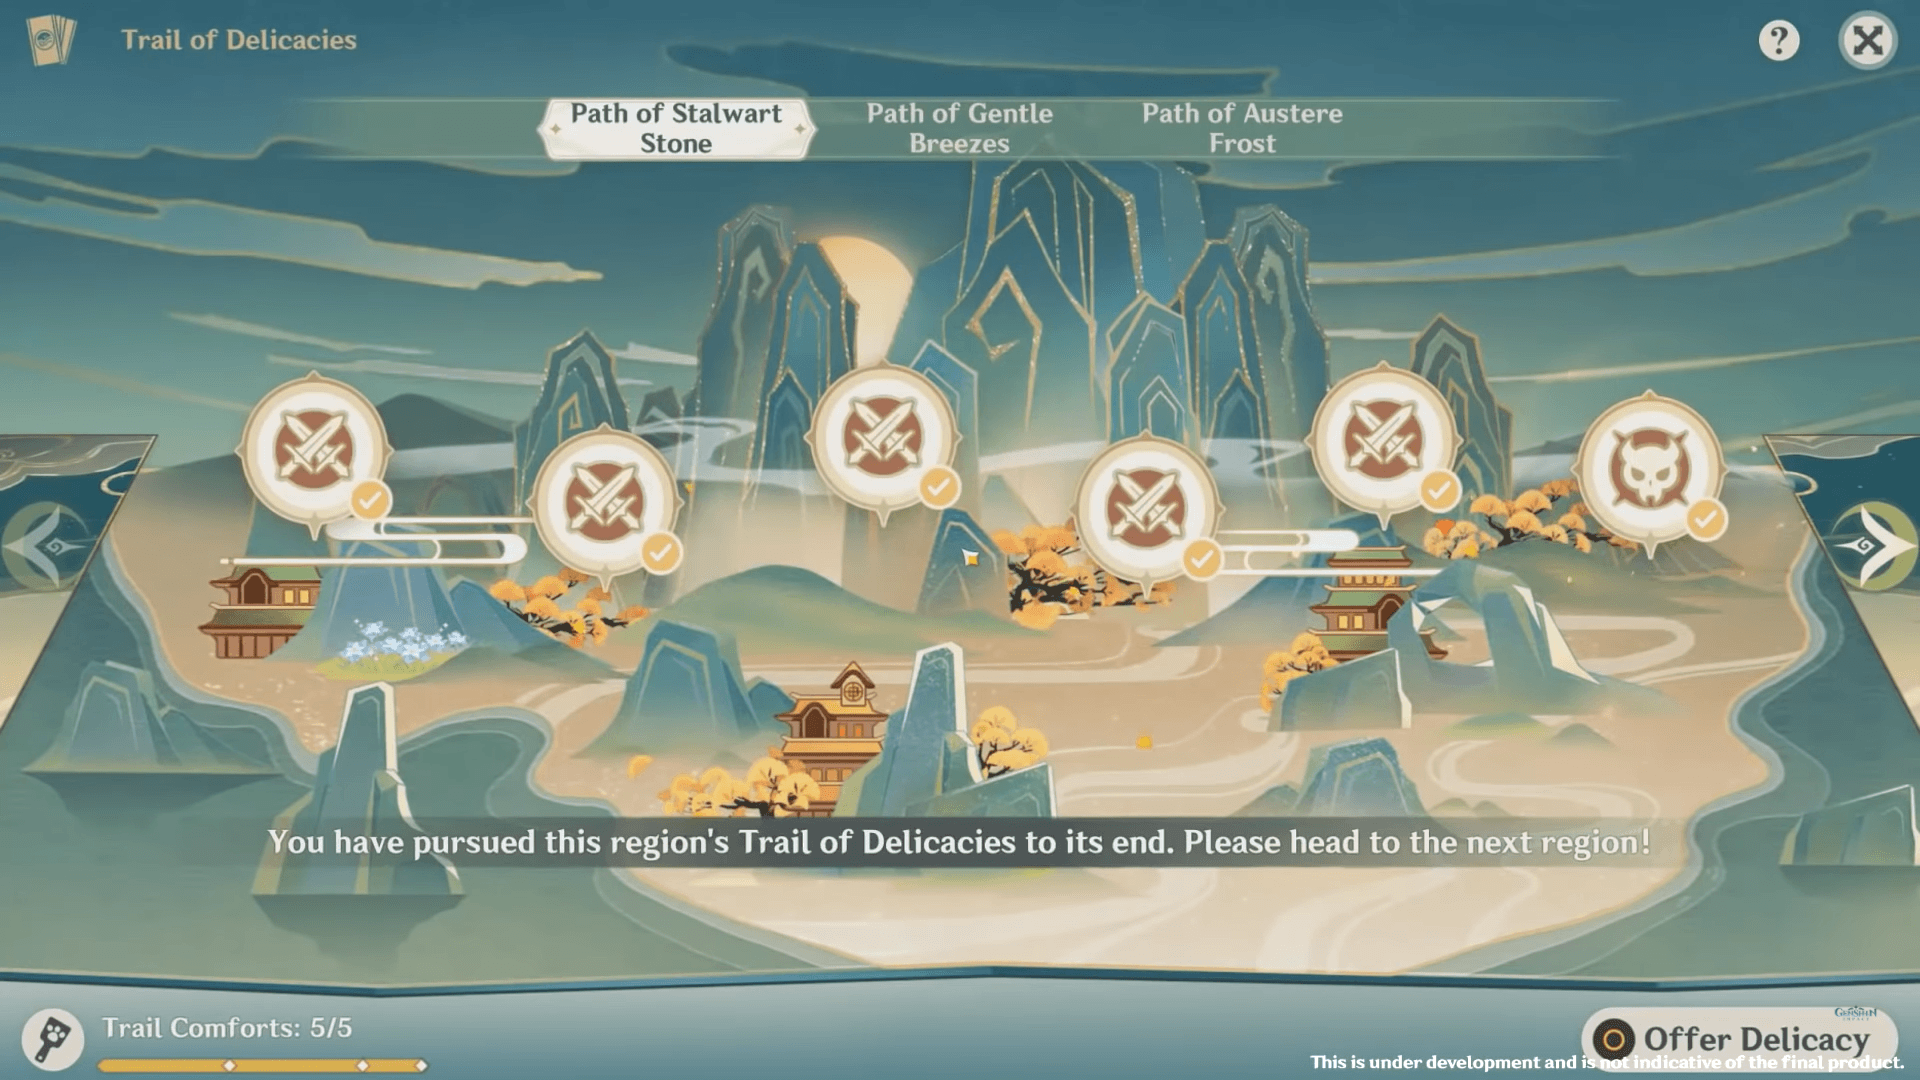 Atualização 2.1 de Genshin Impact implementa sistema de pesca, novos personagens, armas e bosses